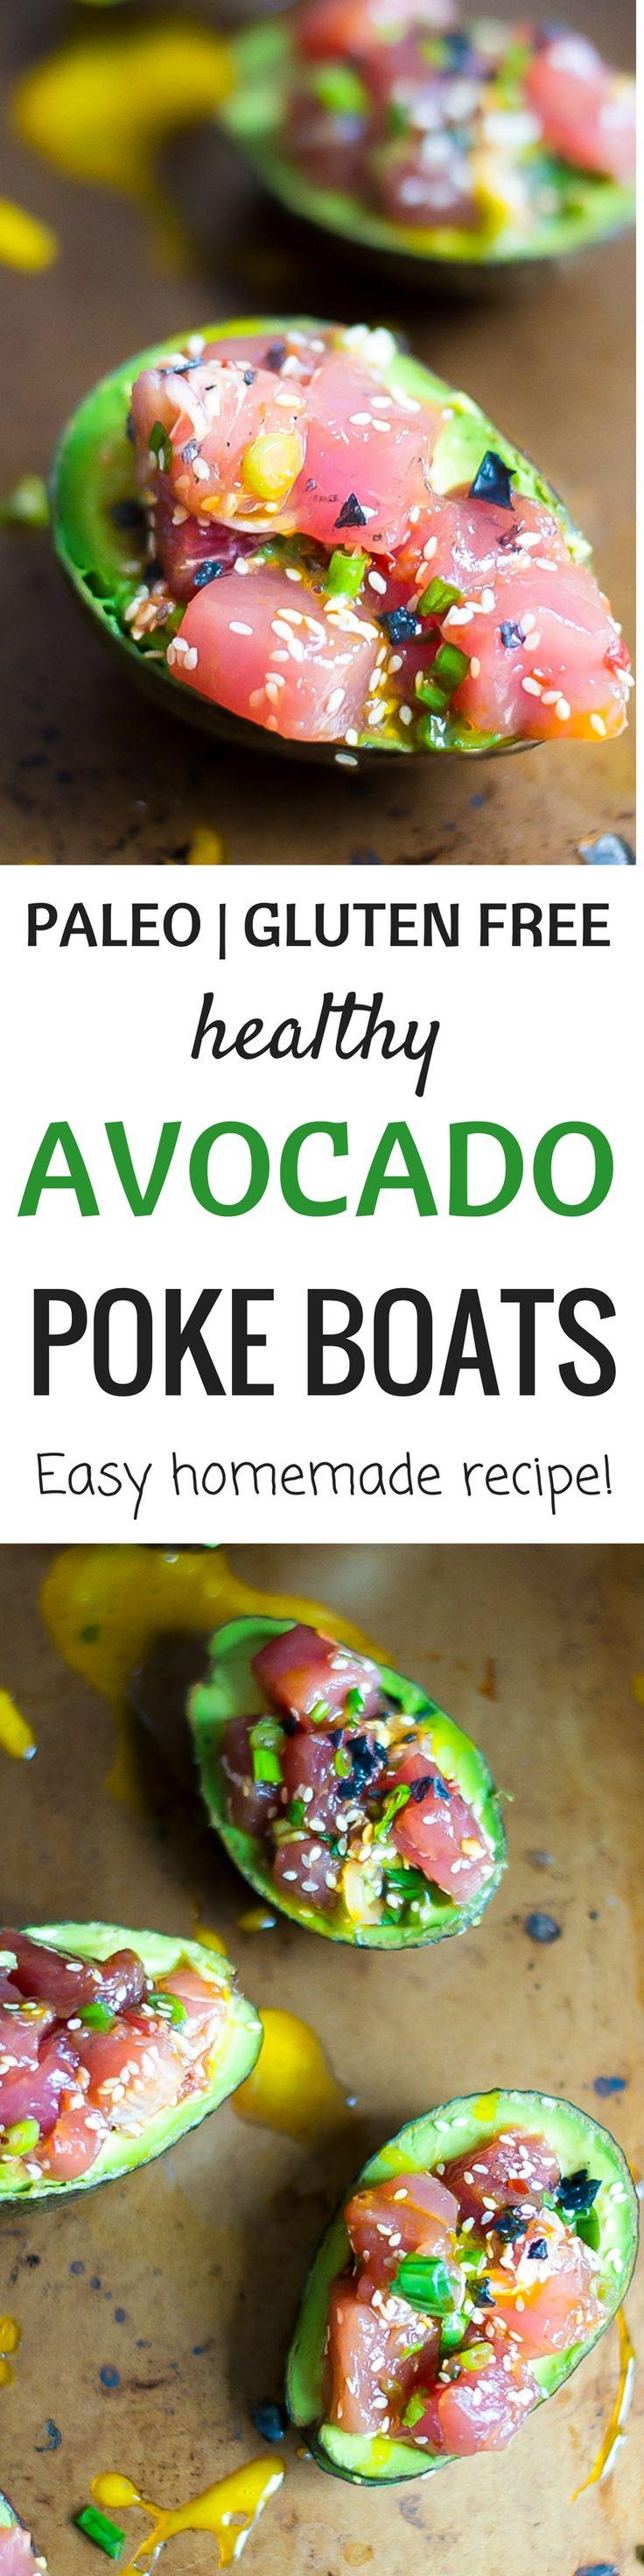 Paleo poke recipe. Paleo avocado boats recipe. Ahi poke avocado recipe. Easy ahi poke recipe. Healthy ahi poke recipe. Homemade poke bowl recipe that's delicious and easy!